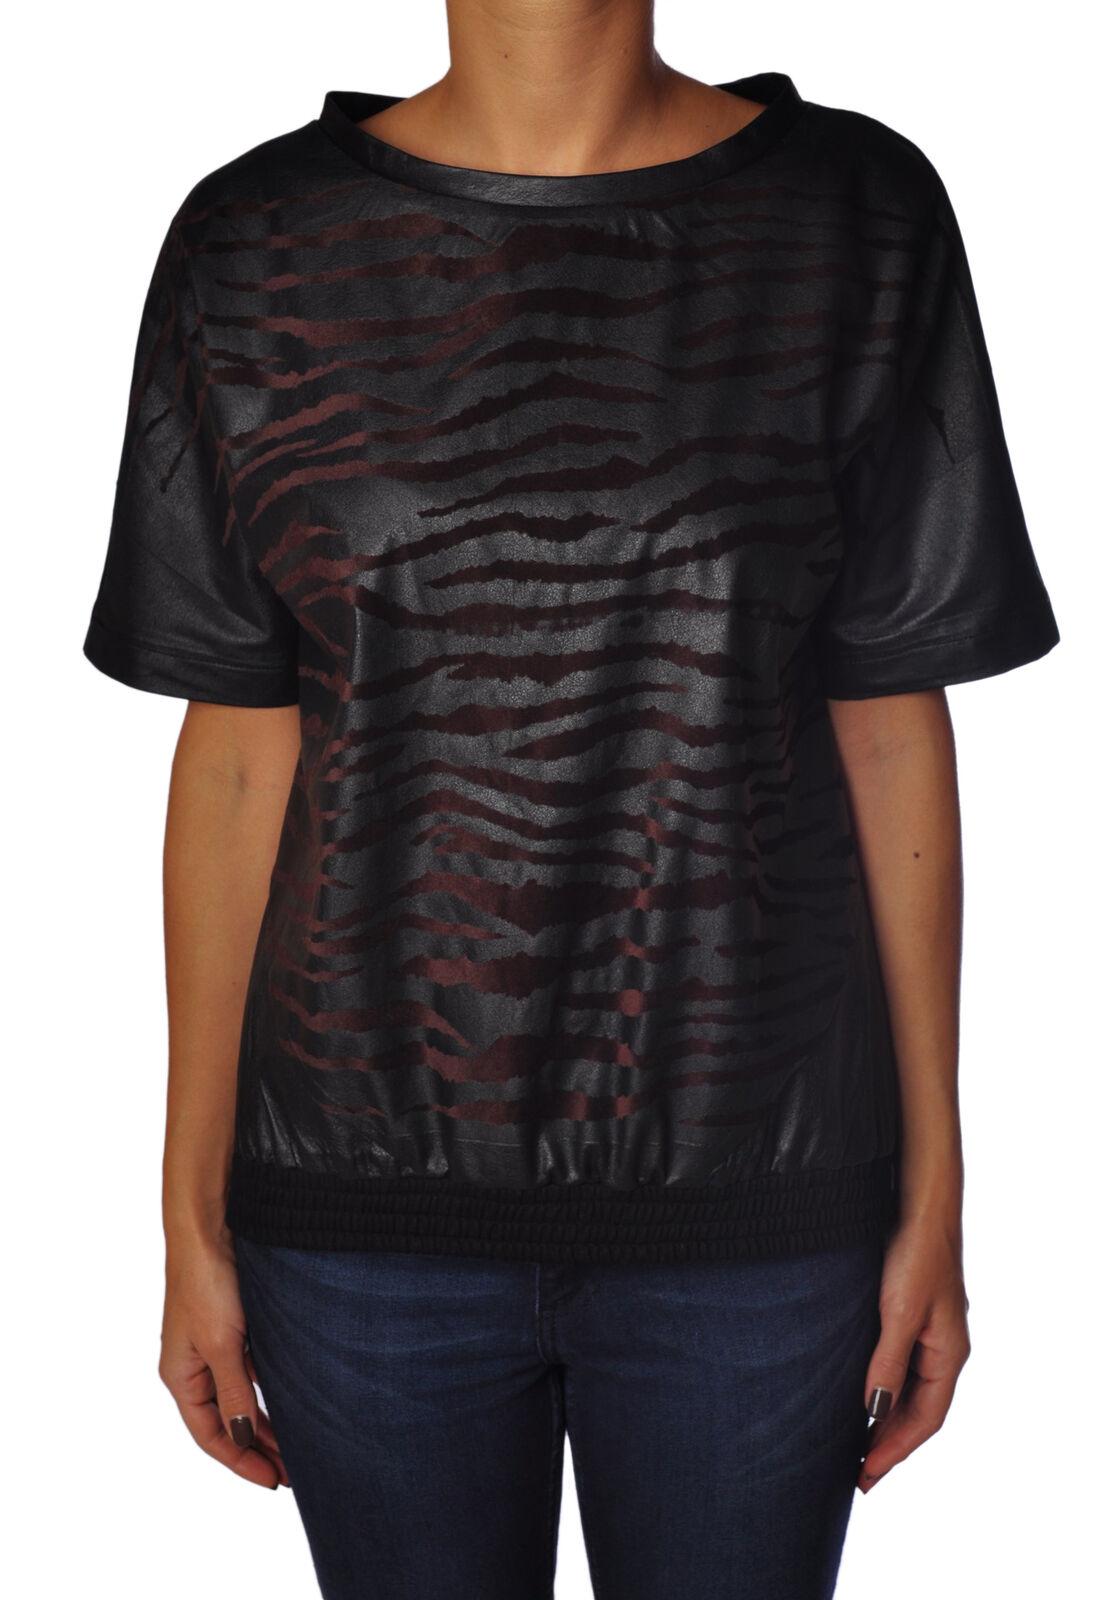 Annaritan - Knitwear-Sweaters - woman - schwarz - 727317C183652